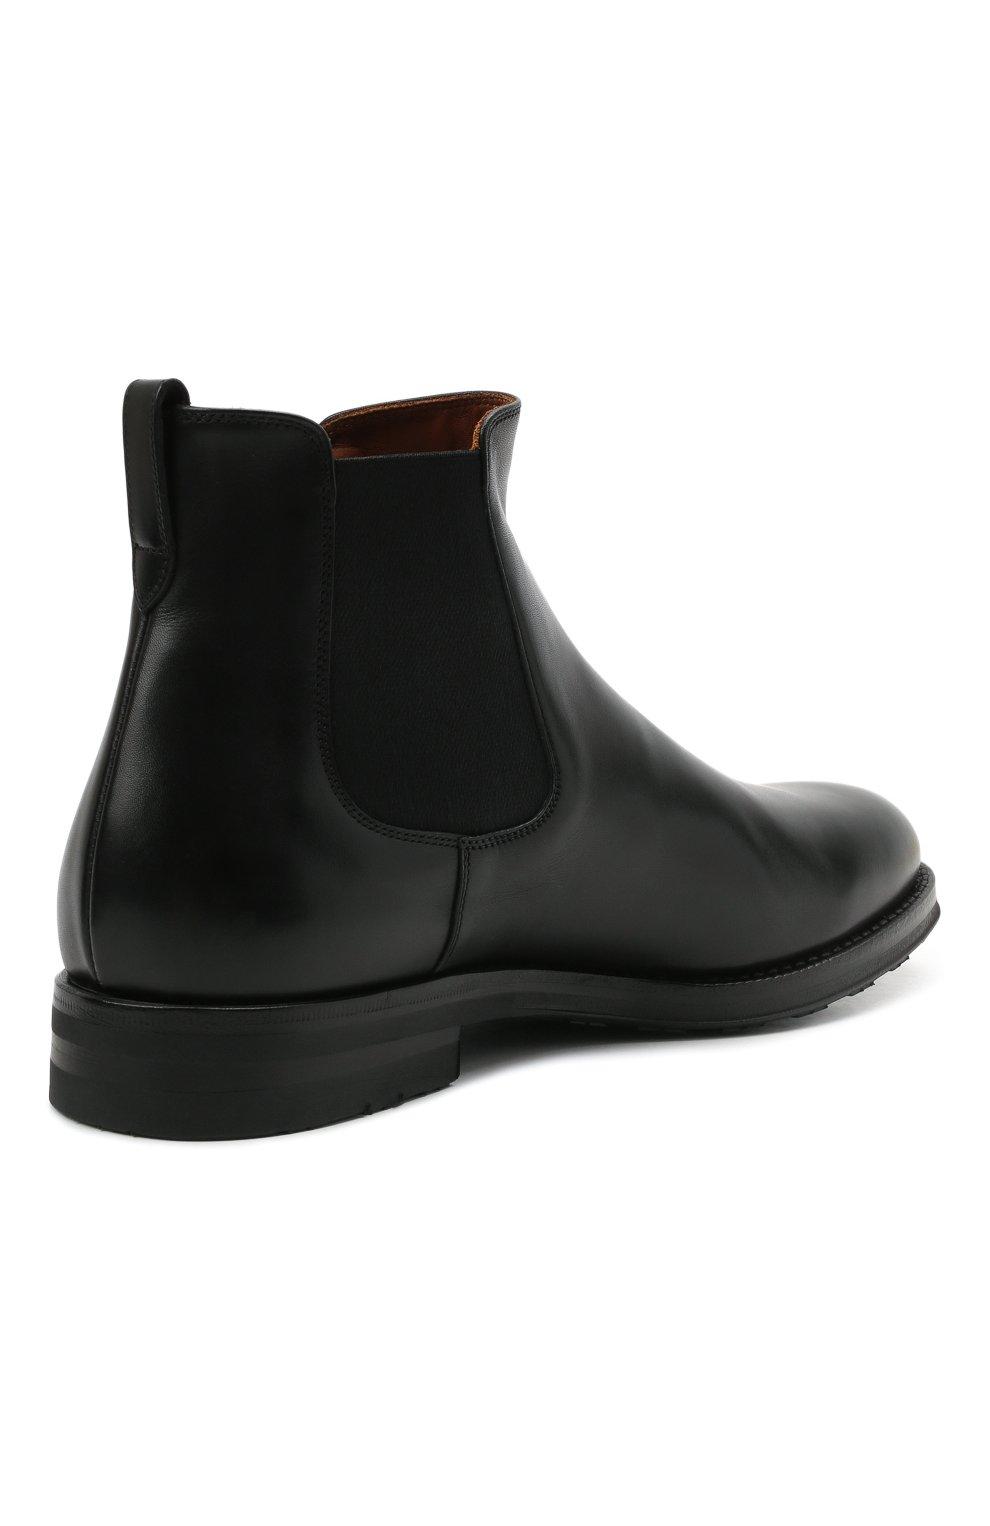 Мужские кожаные челси W.GIBBS черного цвета, арт. 0639028/2578 | Фото 4 (Материал внутренний: Натуральная кожа; Подошва: Плоская; Мужское Кросс-КТ: Сапоги-обувь, Челси-обувь)